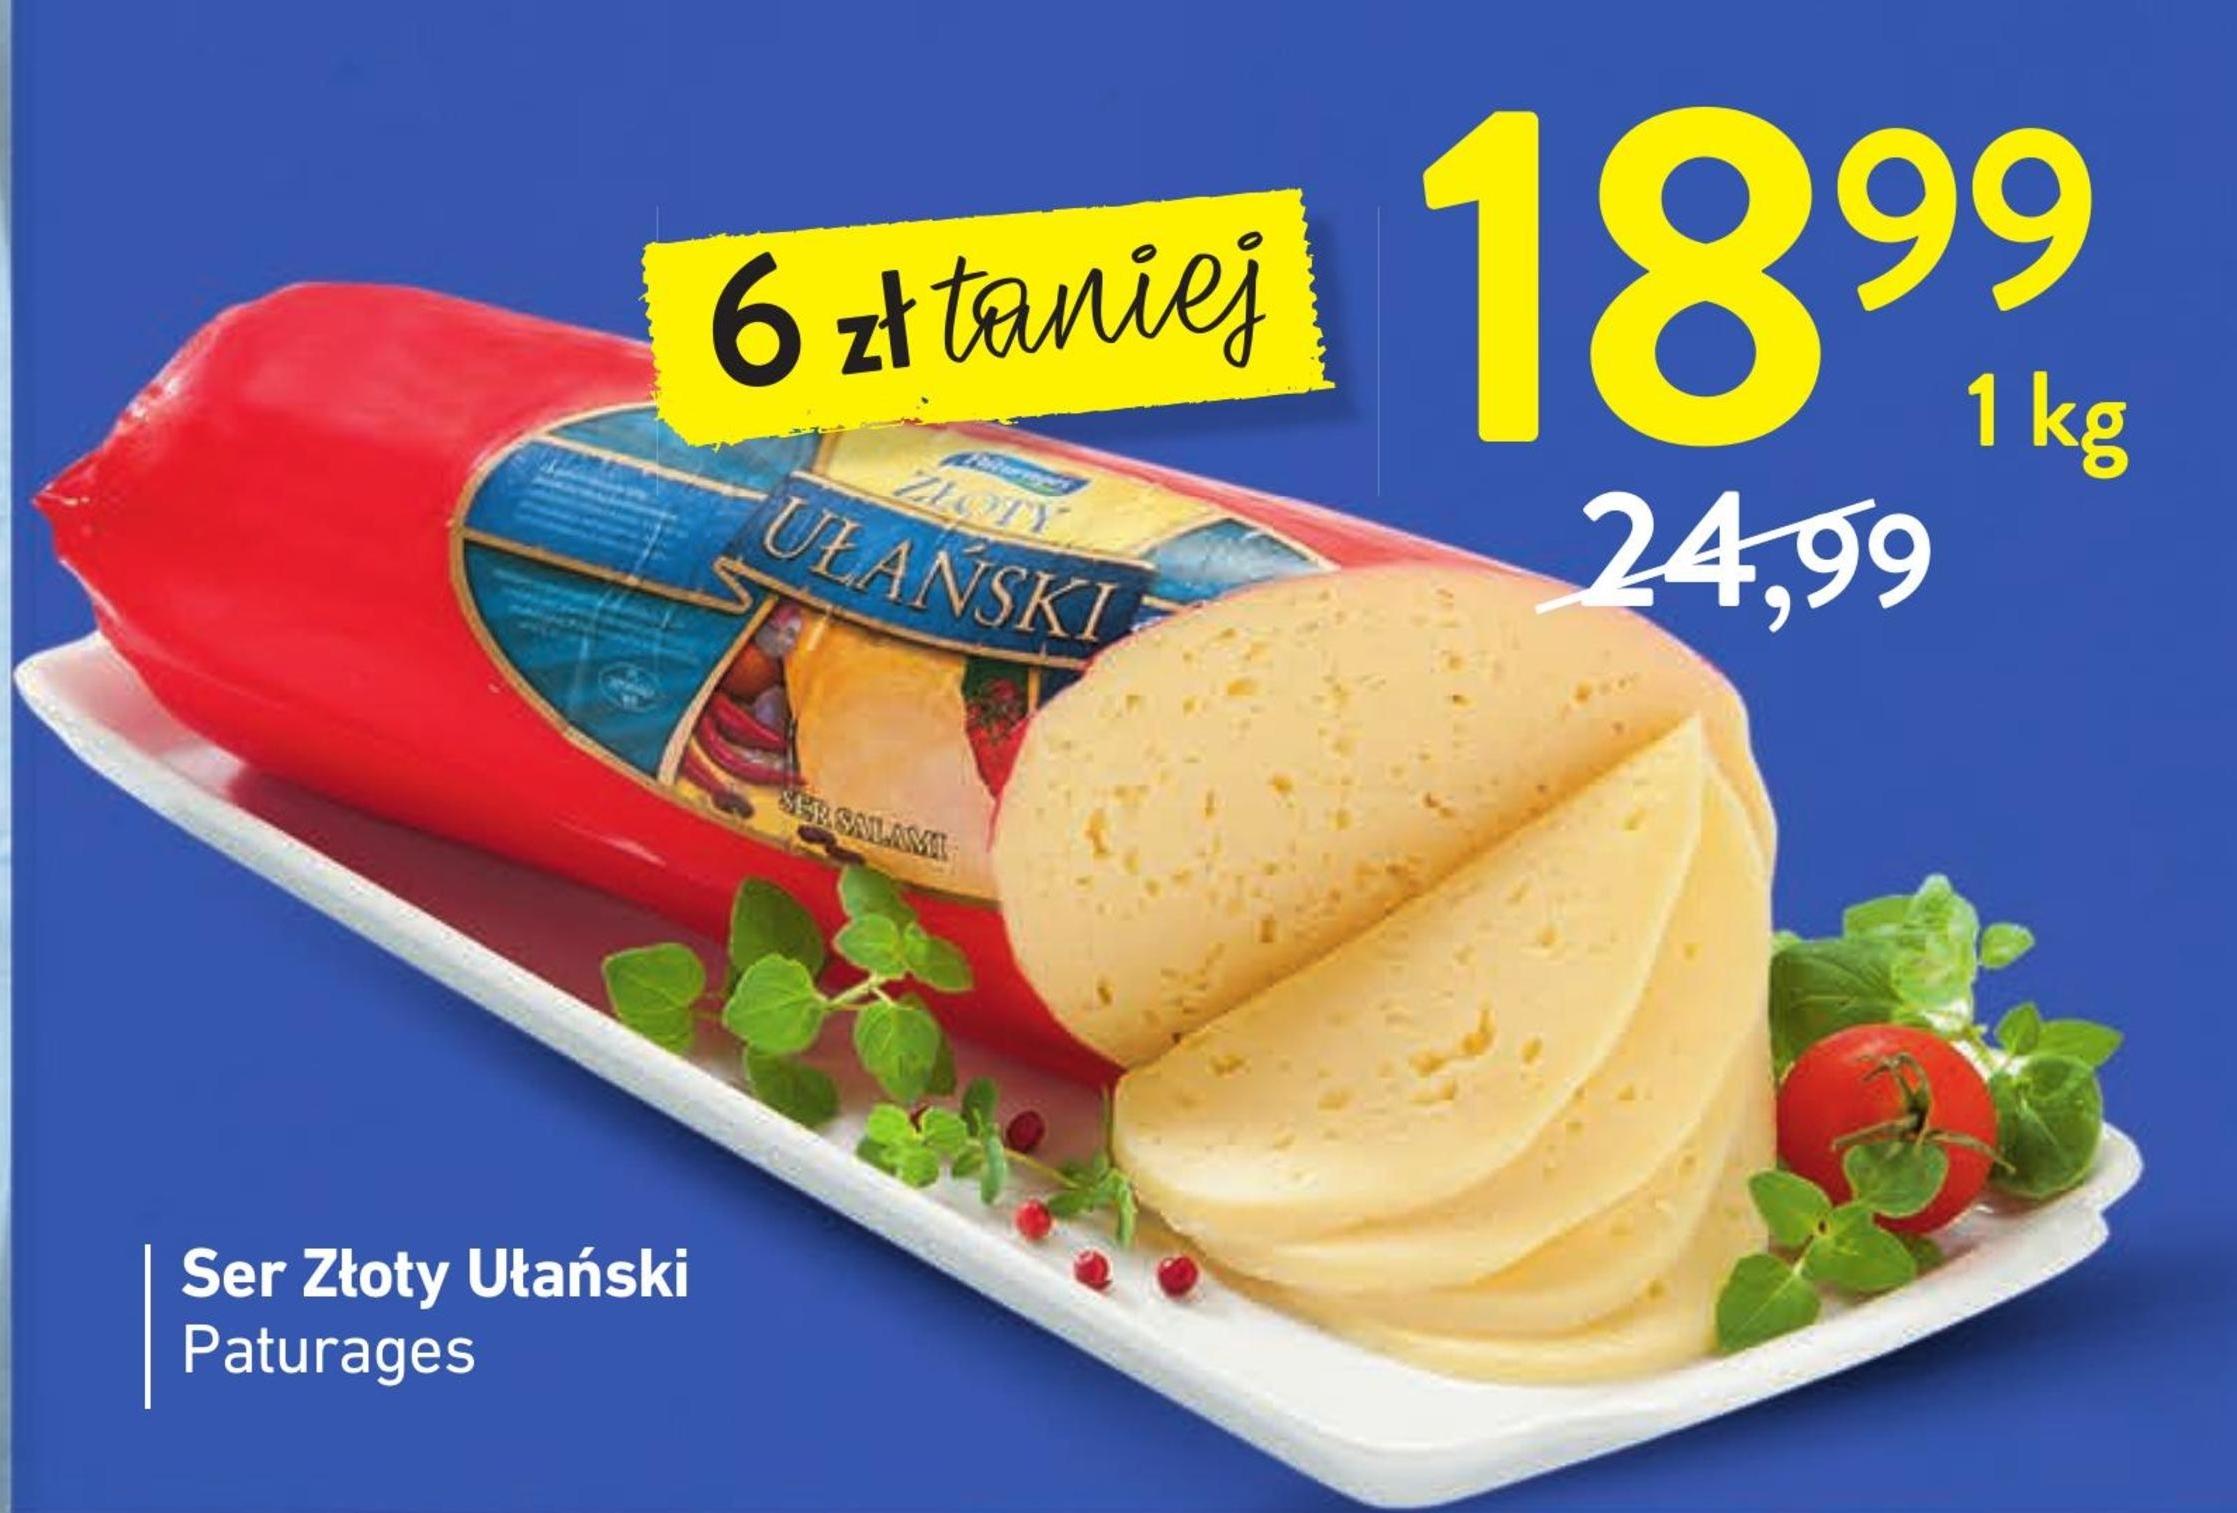 Ser żółty Ułański niska cena